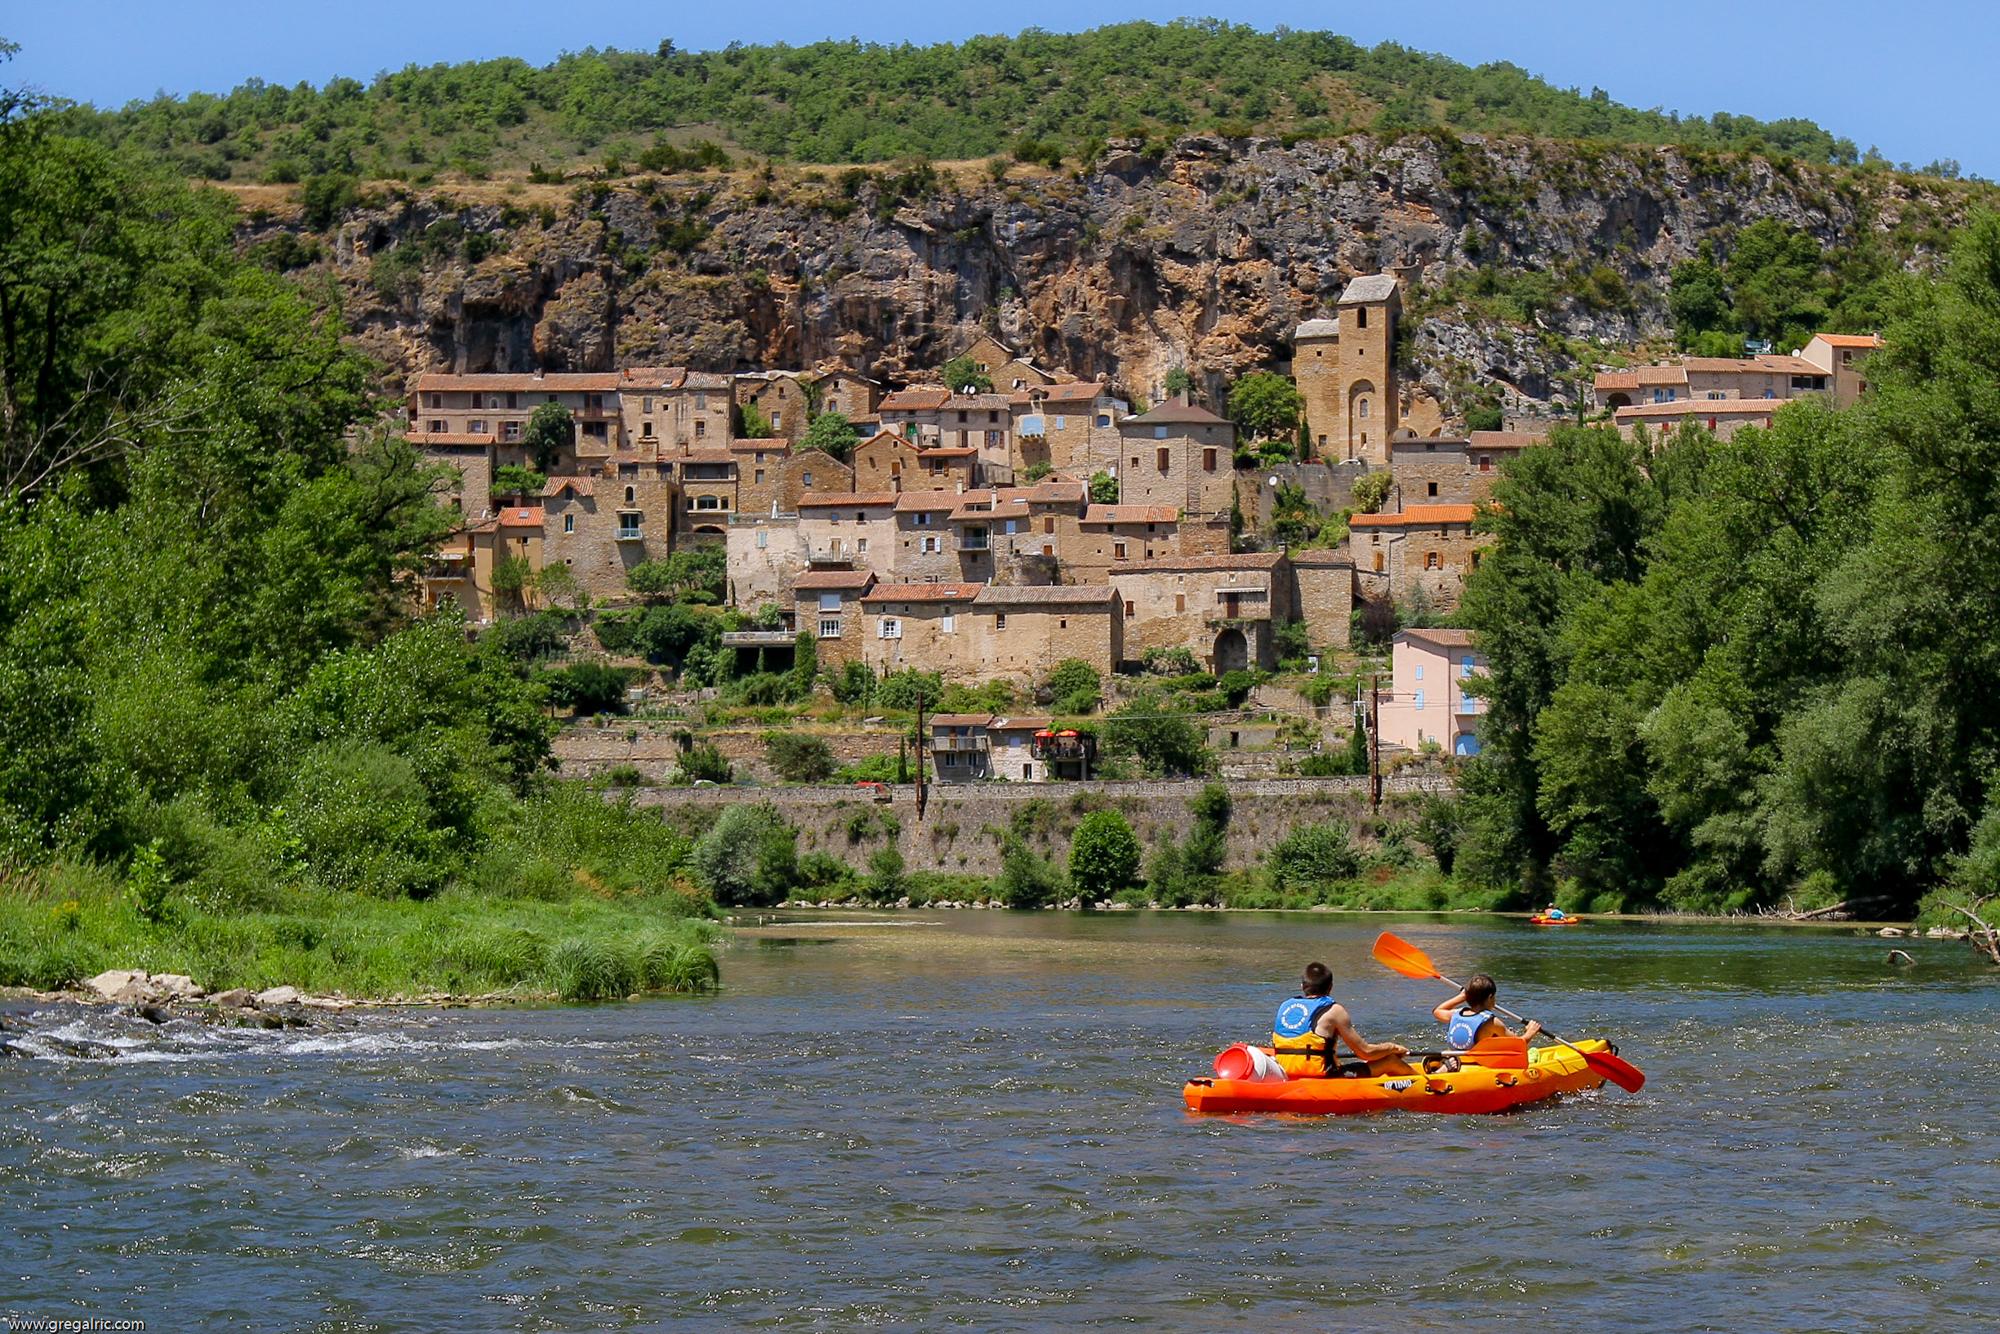 Canoë à Peyre, Aveyron